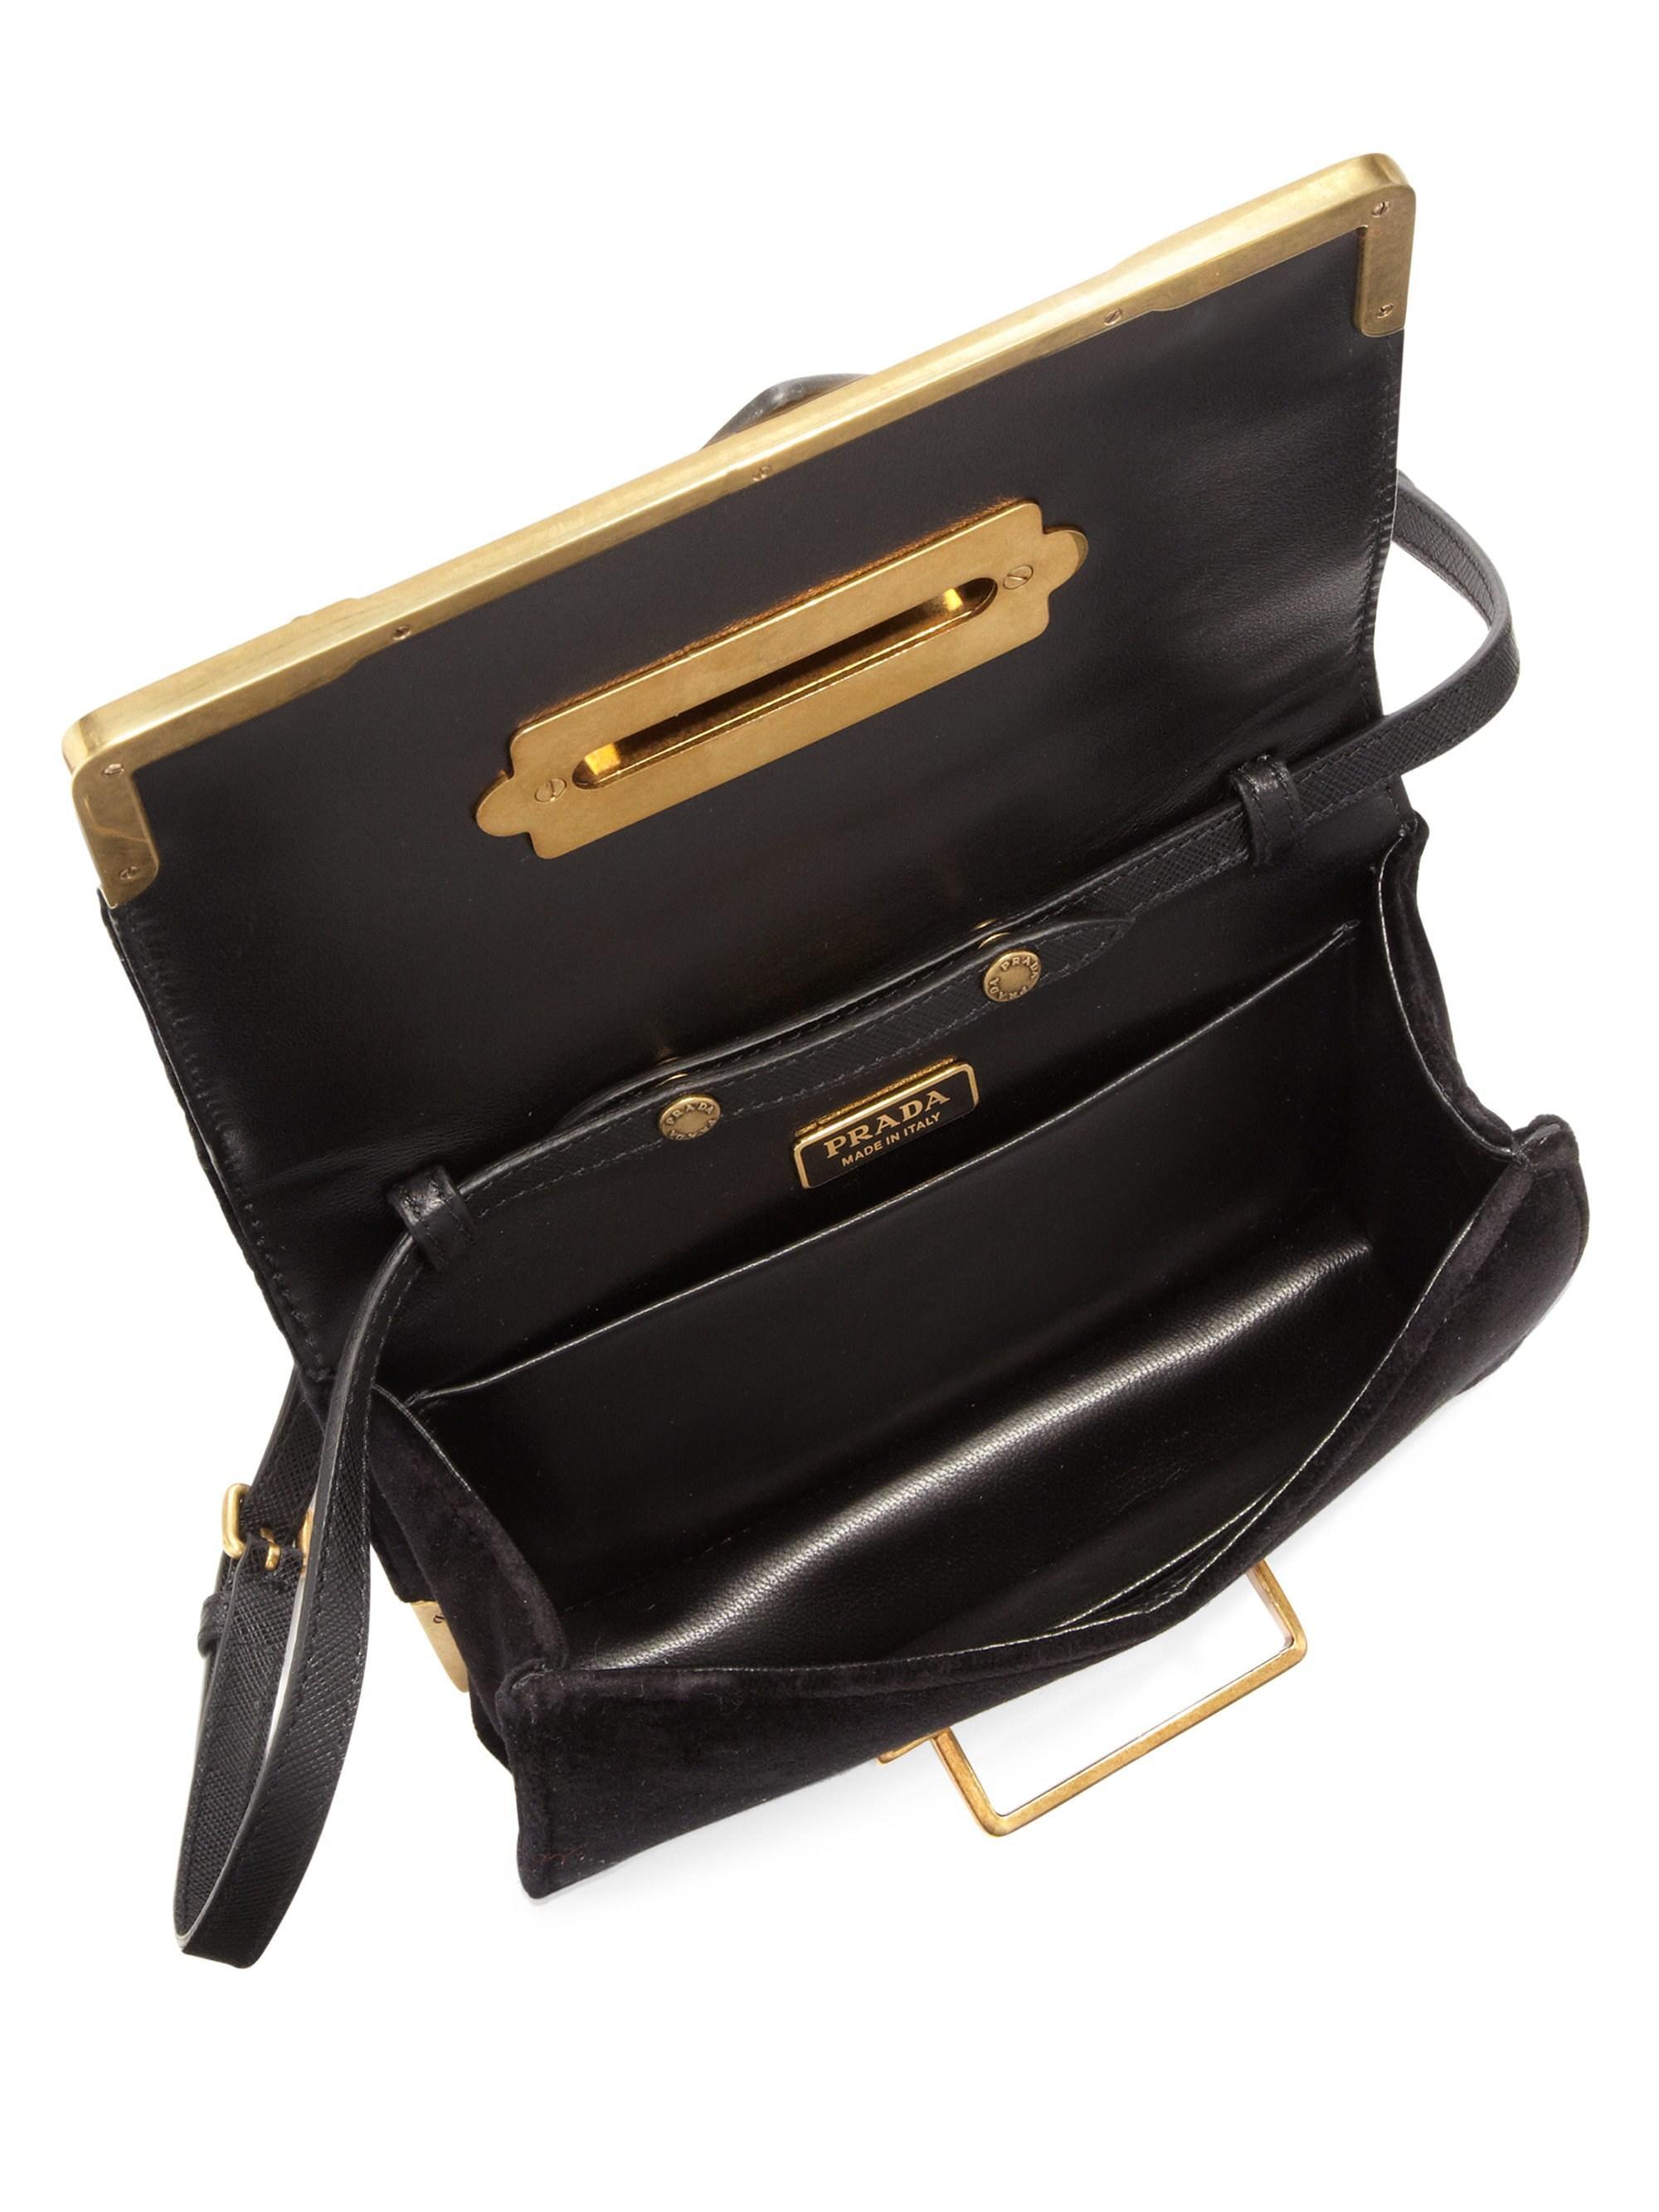 534466962dd9 Prada Women s Small Velvet Astrology Cahier Bag - Black in Black - Lyst